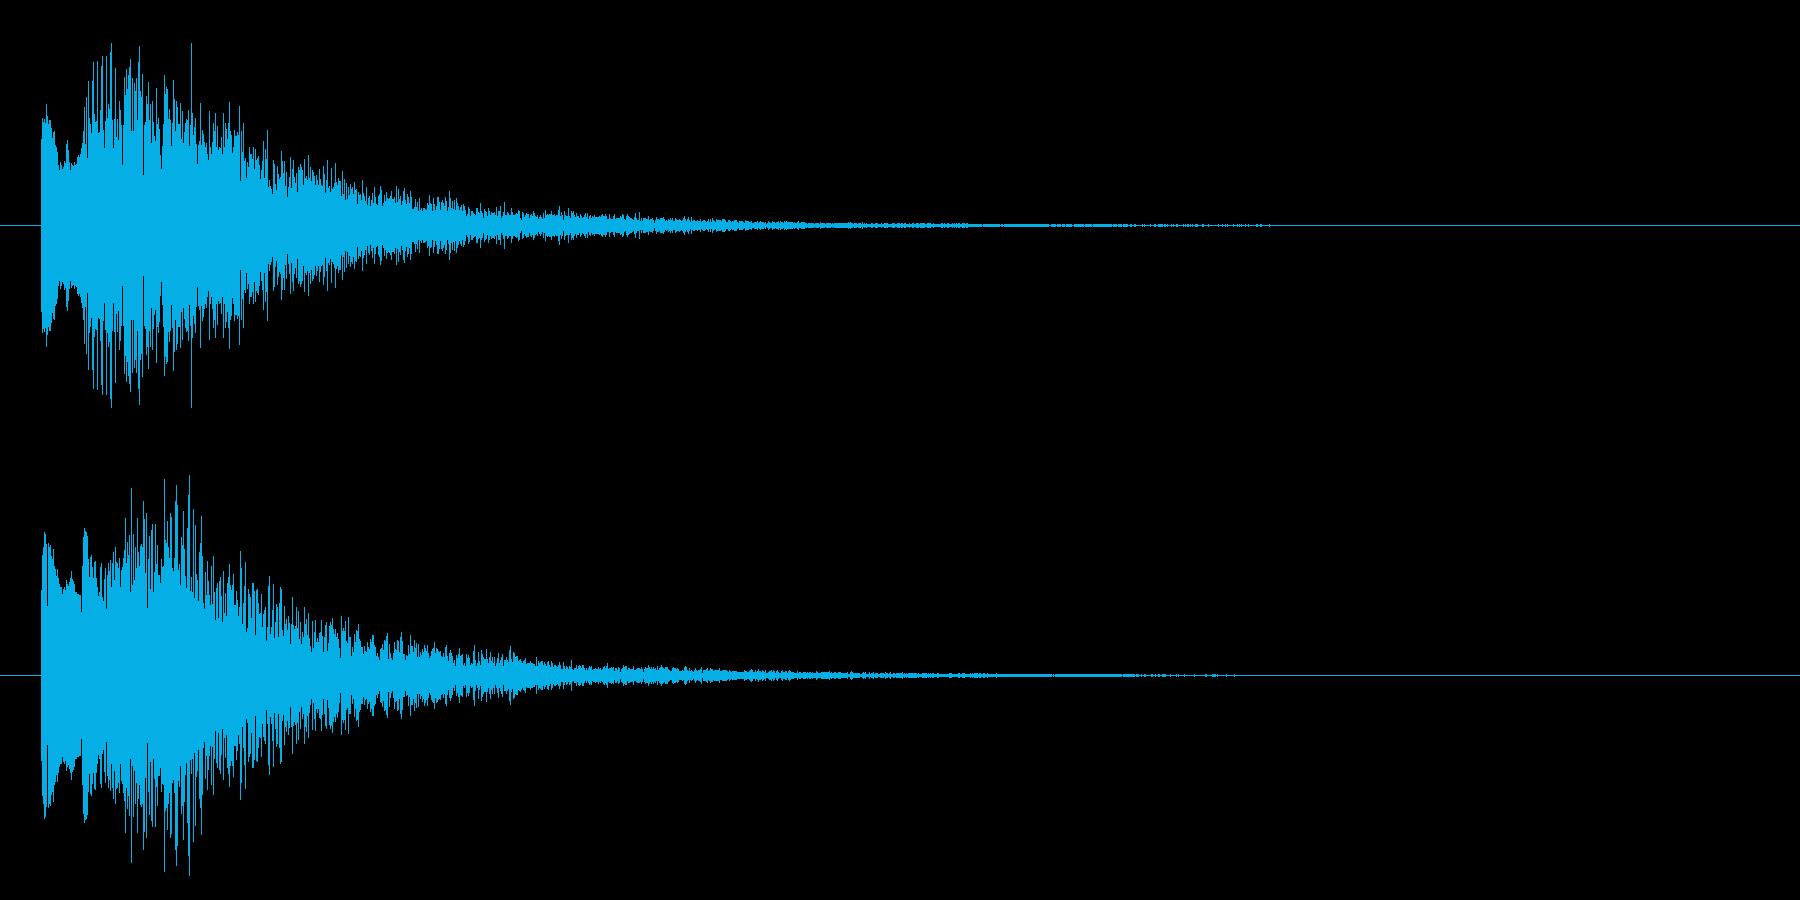 ニュースのテロップをイメージした音05の再生済みの波形